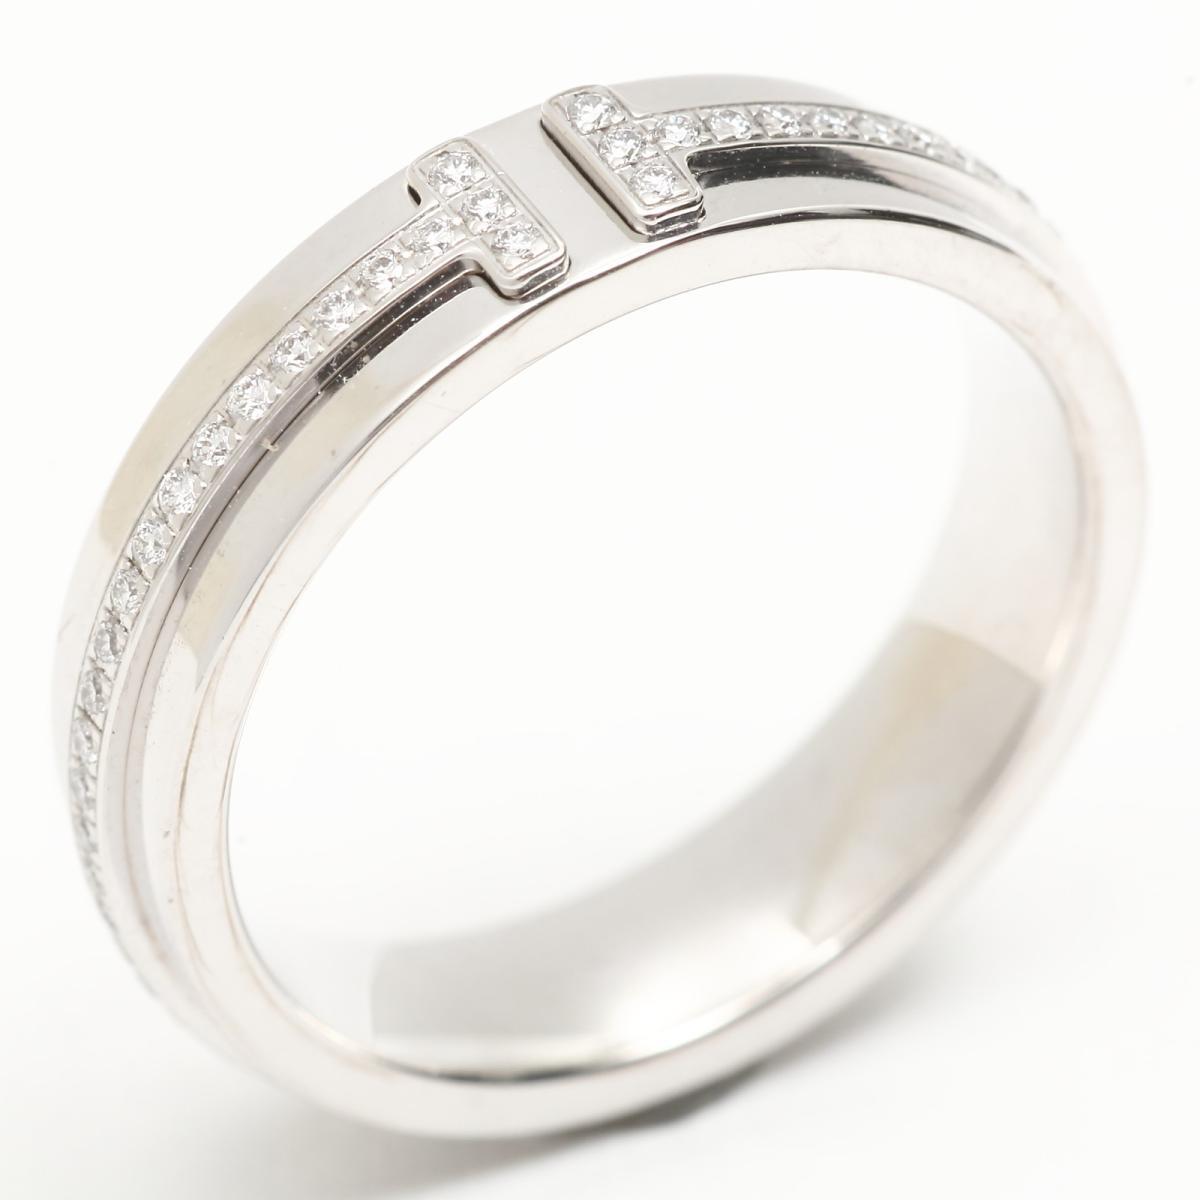 【中古】 ティファニー Tツーナロー ダイヤモンド リング 指輪 レディース K18WG (750) ホワイトゴールド x   TIFFANY&CO BRANDOFF ブランドオフ ブランド ジュエリー アクセサリー